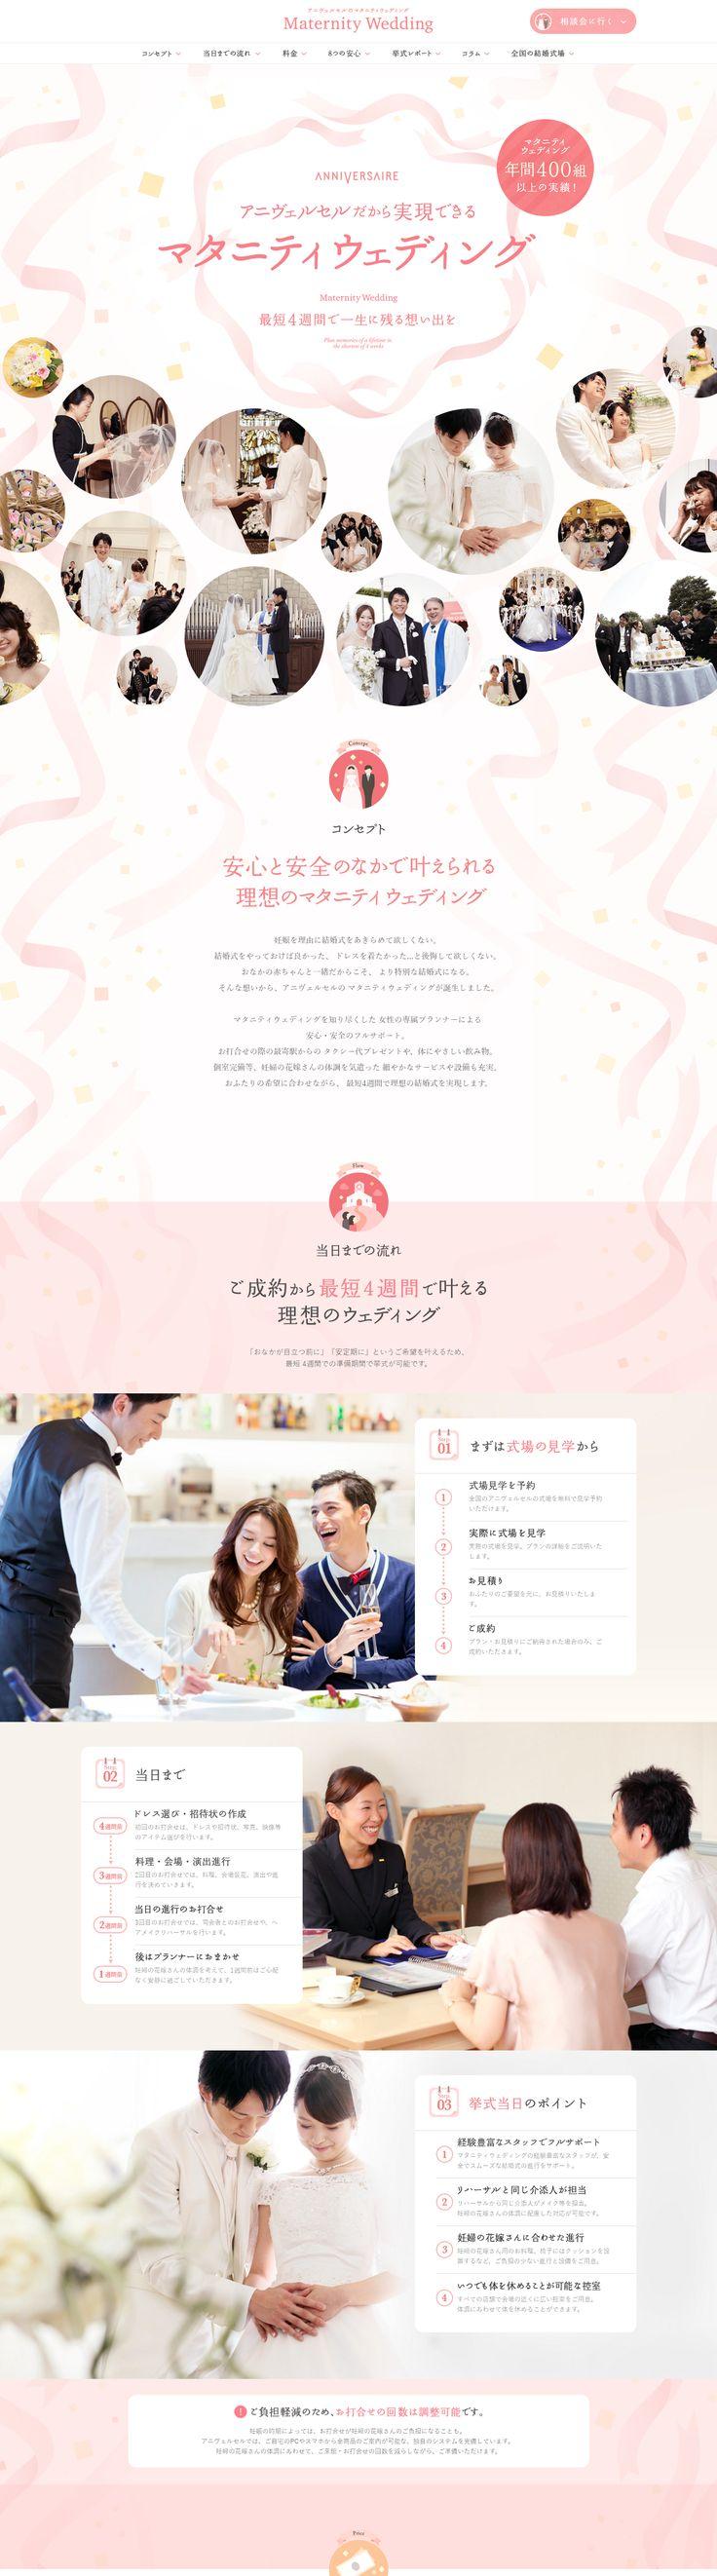 マタニティウェディング│アニヴェルセル #赤系 #レスポンシブ #固定ヘッダ http://www.anniversaire.co.jp/brand/support/maternity/